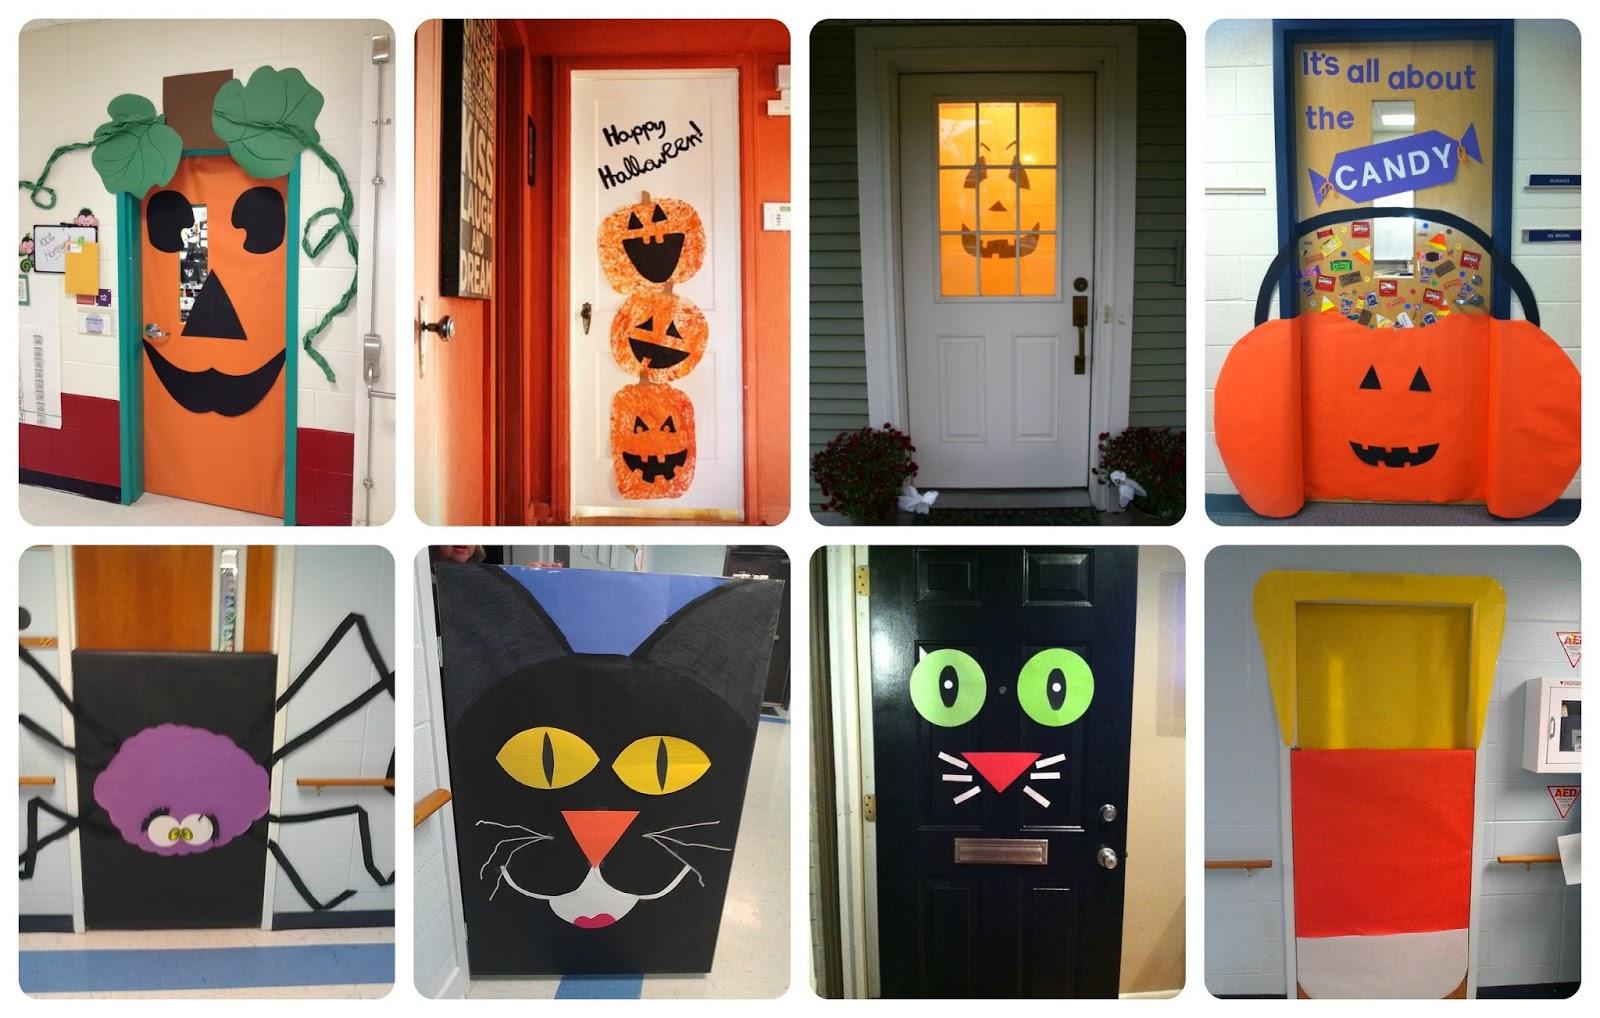 Halloween puertas 19 imagenes educativas for Ideas para decorar marcos de puertas